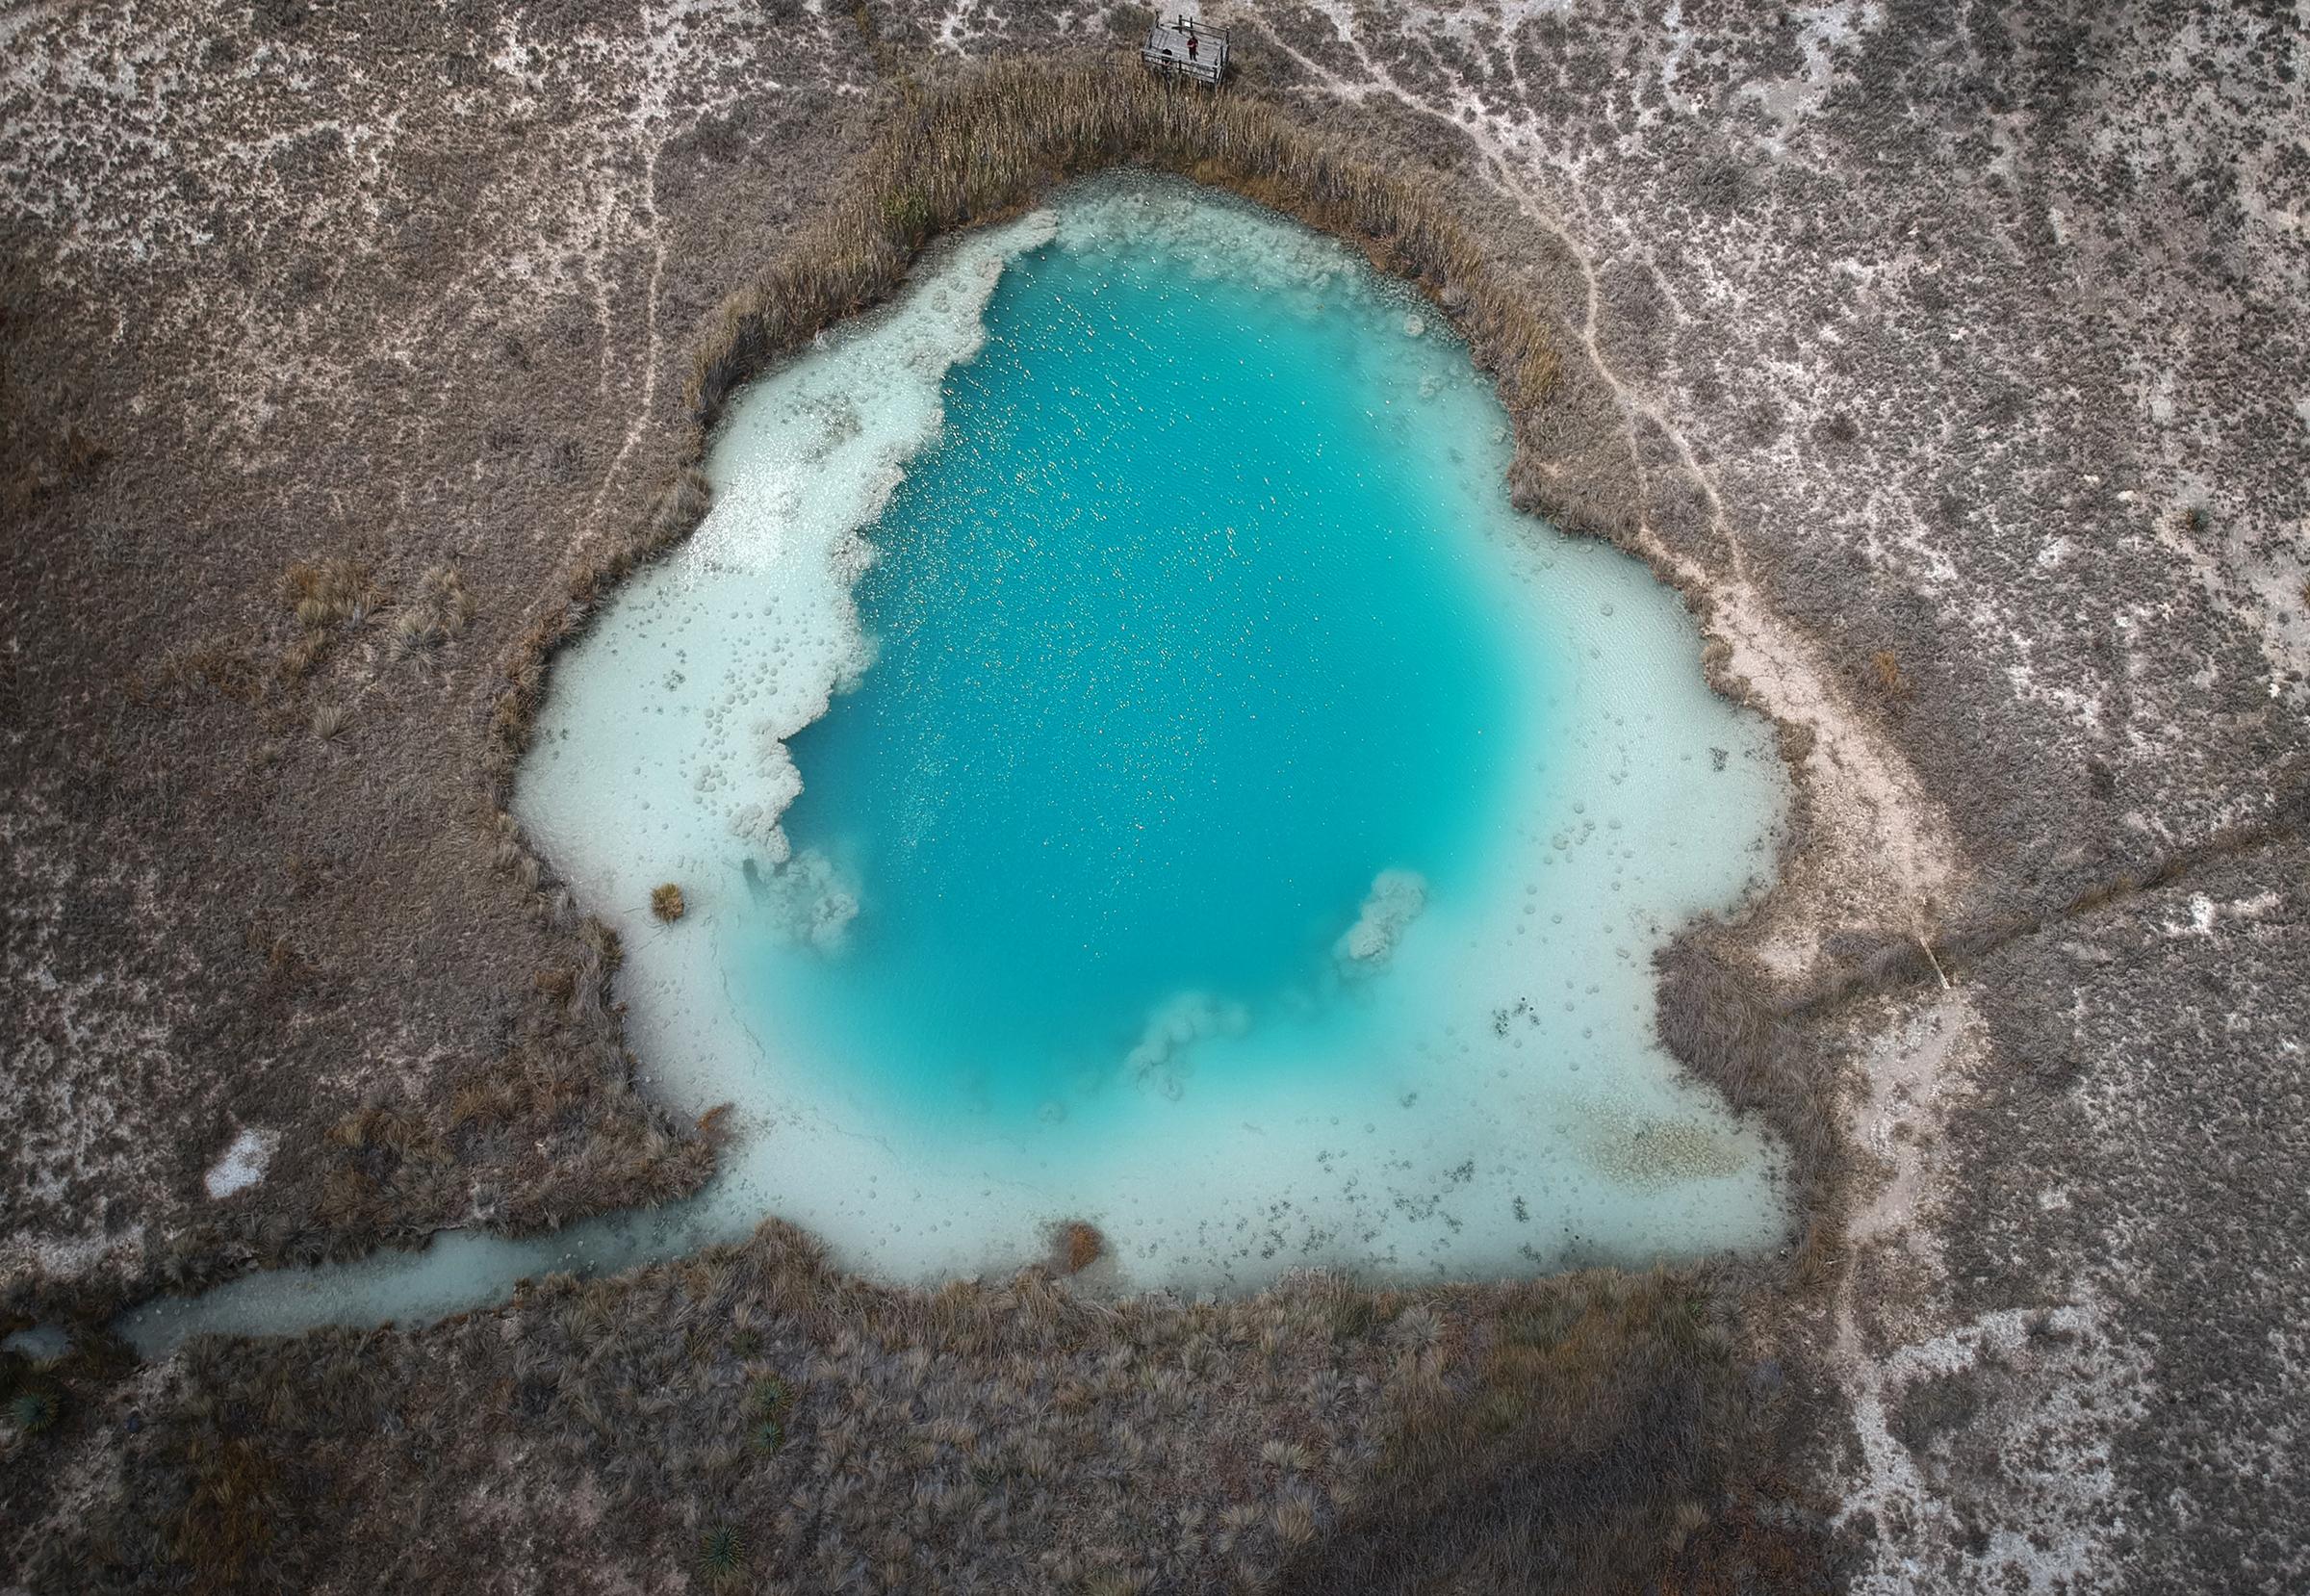 Aerial view of Mexico's Cuatro Ciénegas